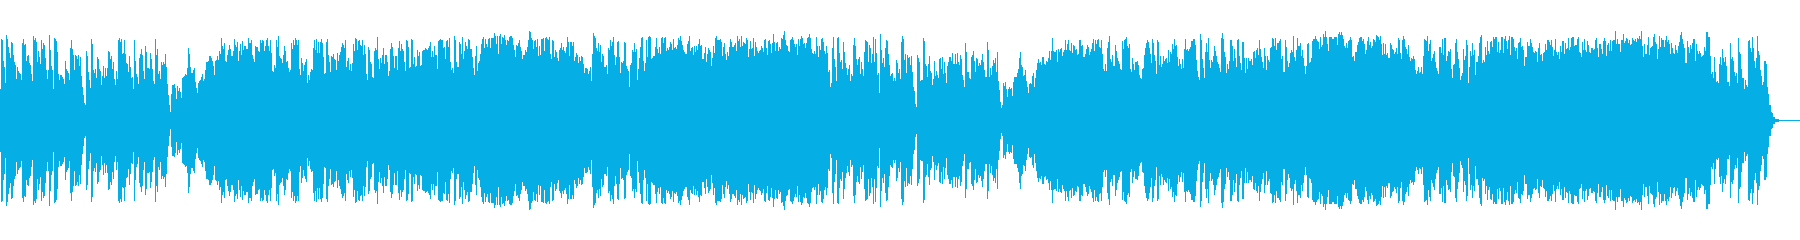 ほのぼのとしたゲーム系街のBGMの再生済みの波形